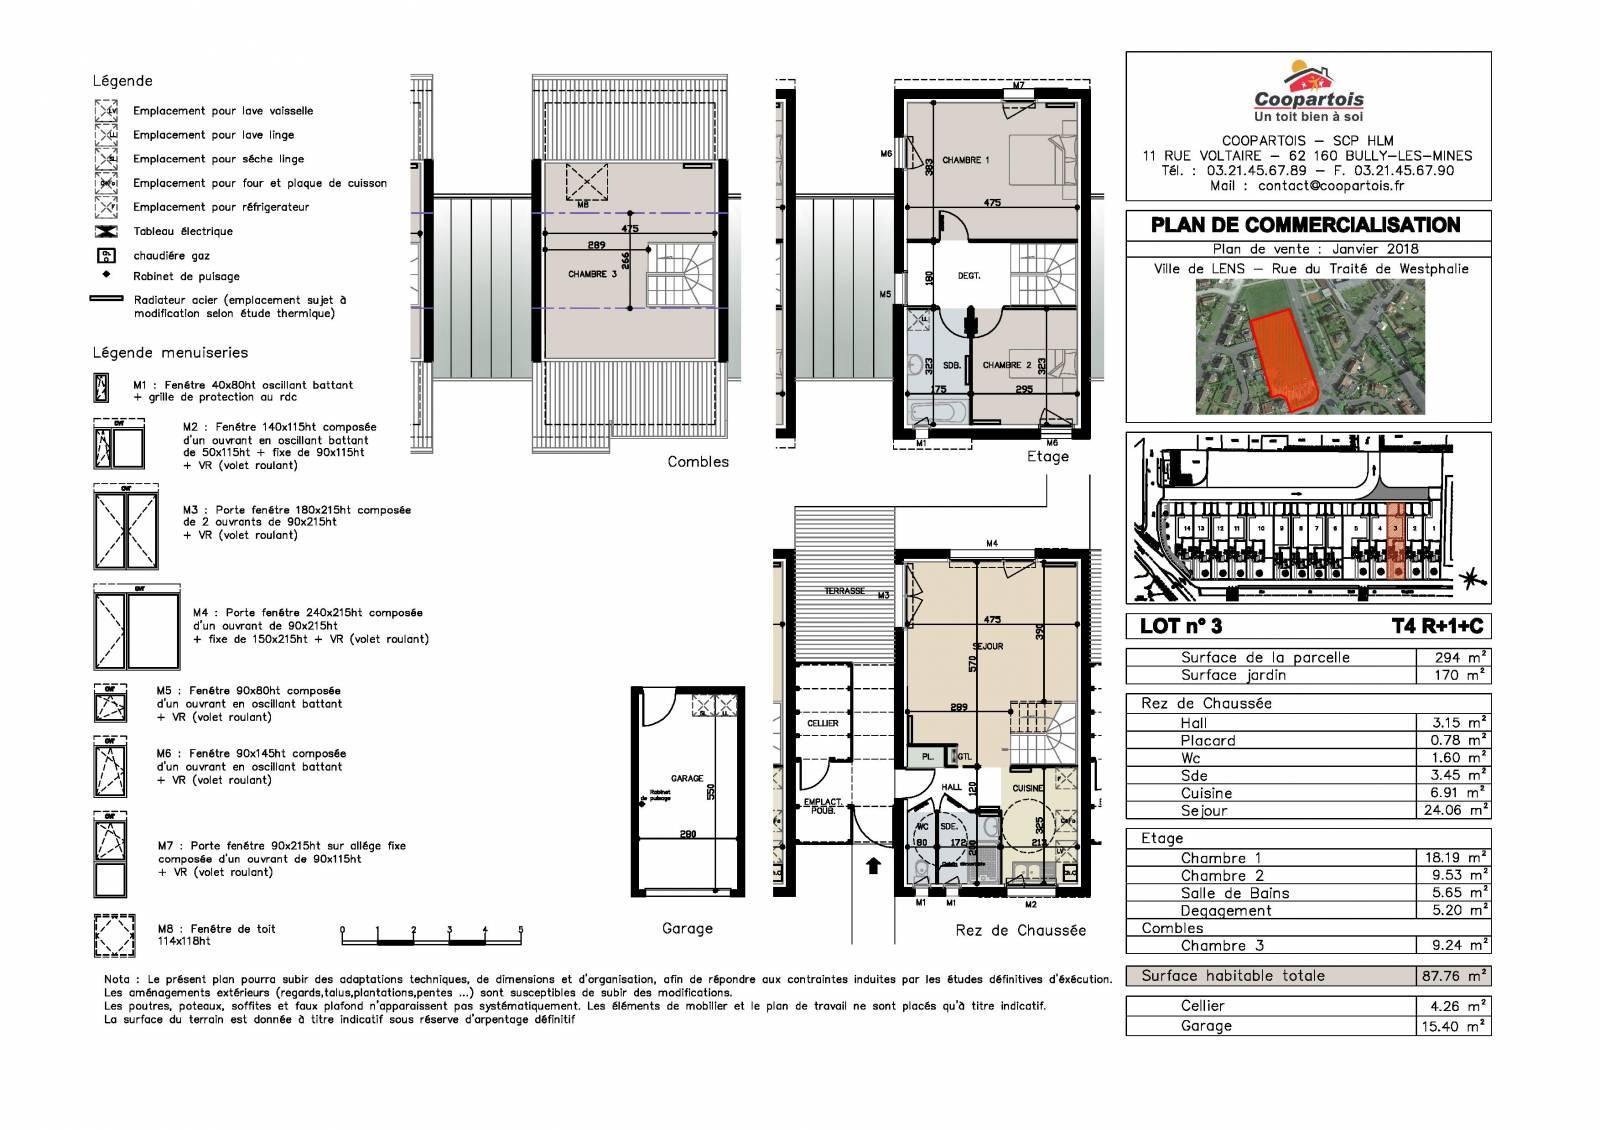 Maison neuve 3 chambres duplex n 3 coopartois for Plan duplex 3 chambres